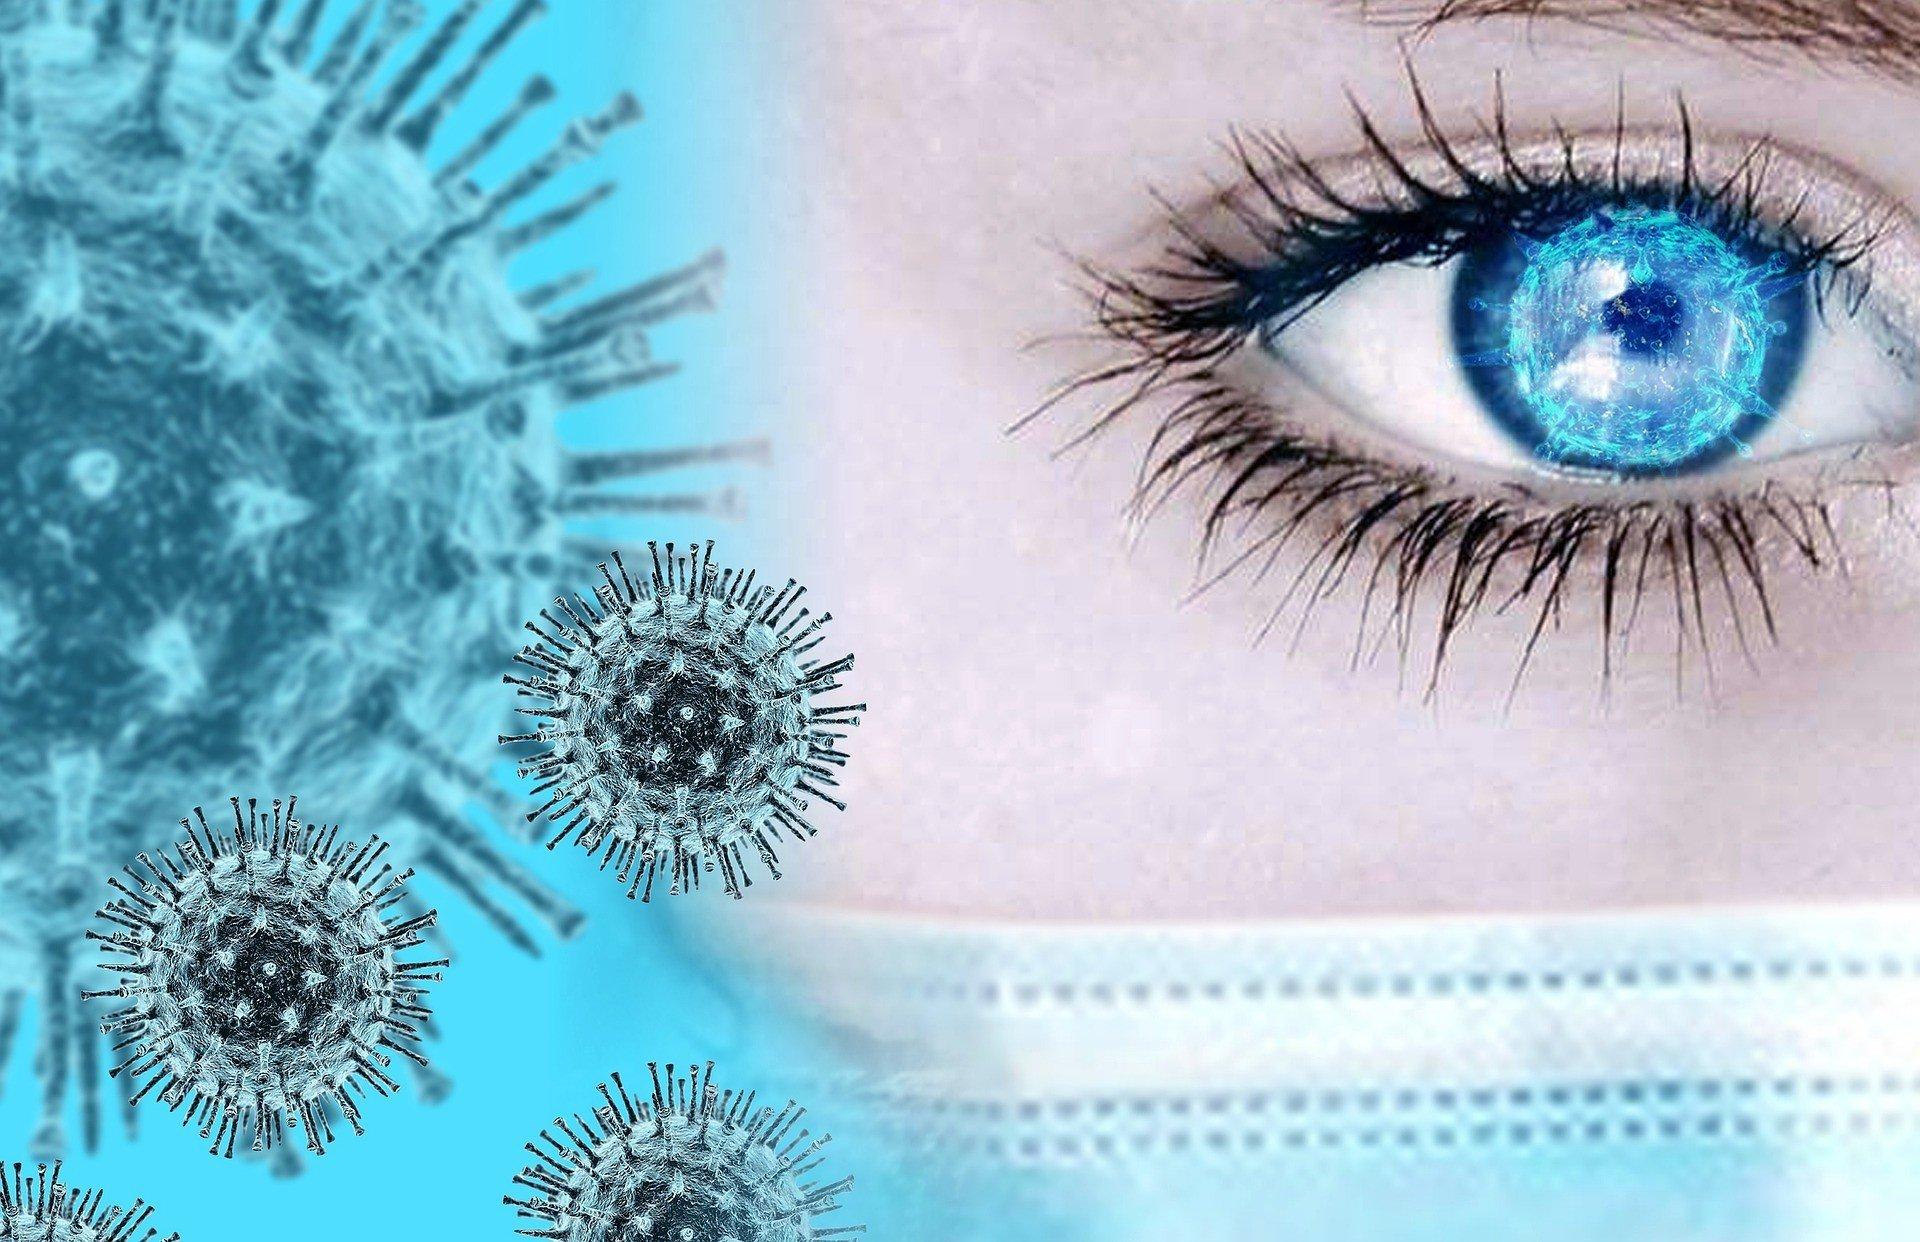 Ученые изучают синдром, связанный с COVID-19